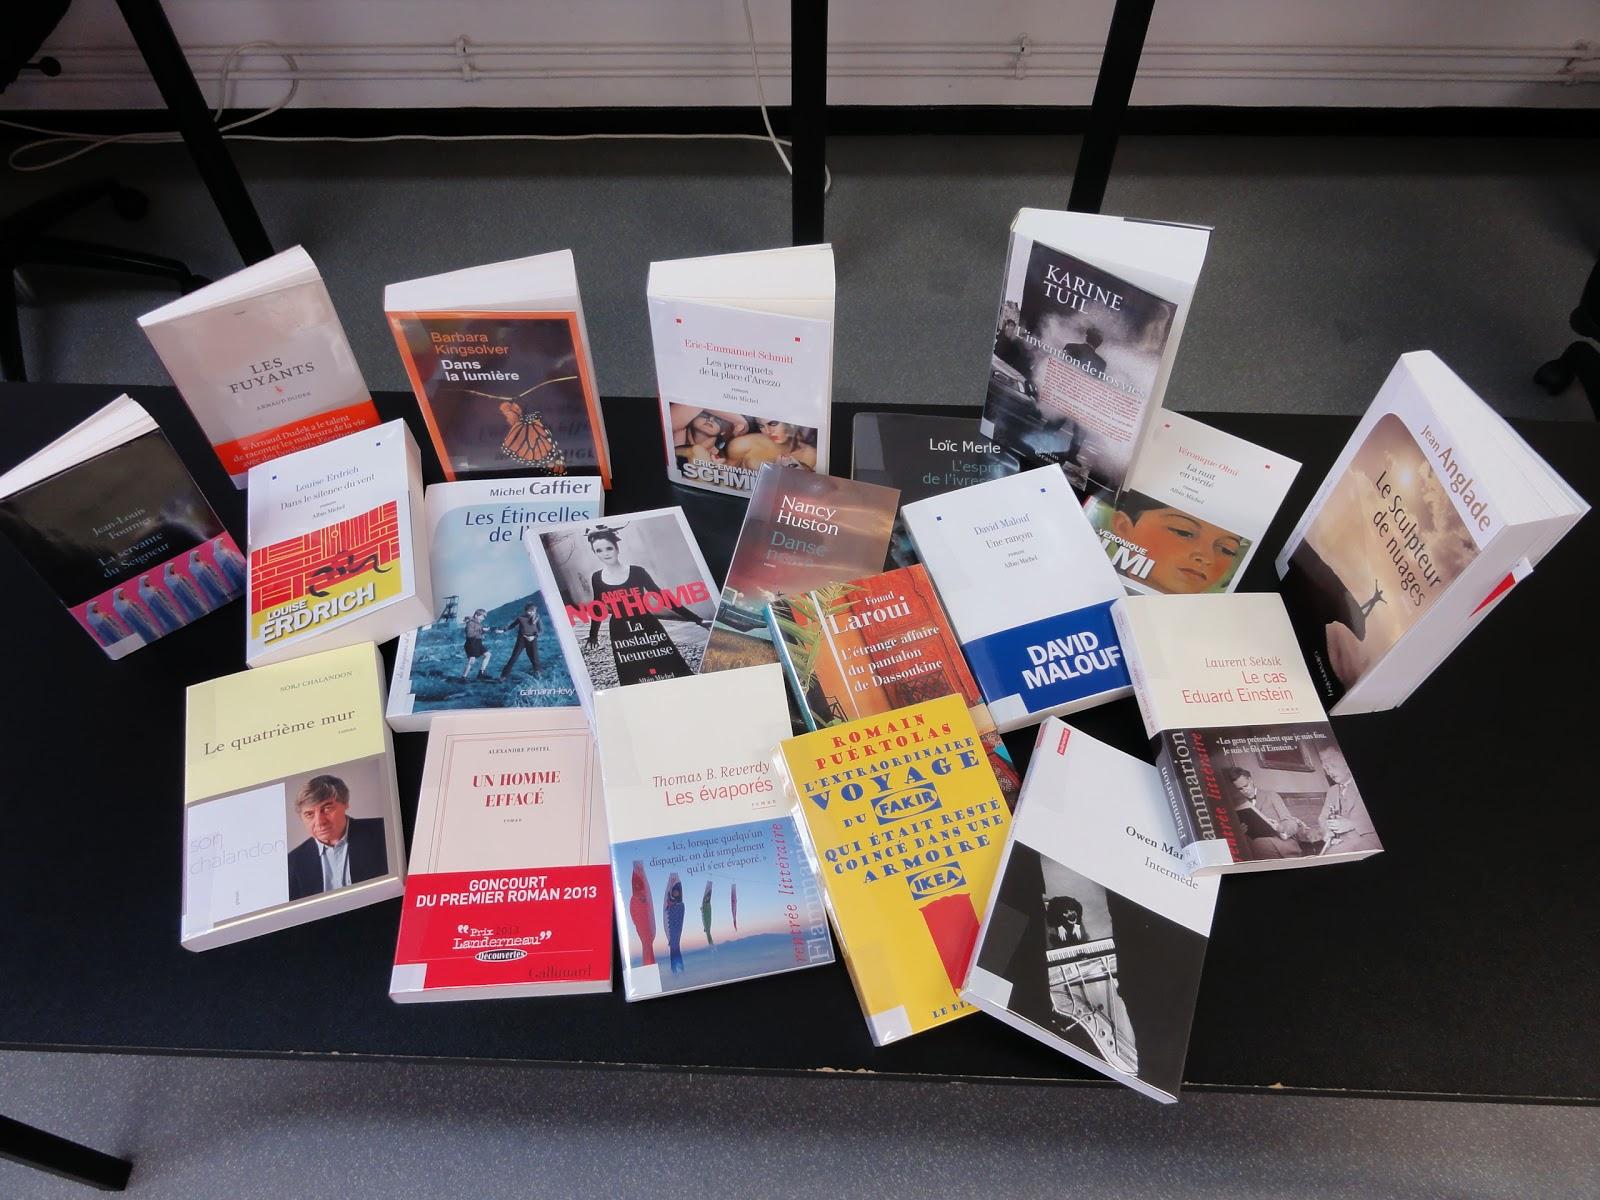 Catalogue de la rentrée littéraire 2013